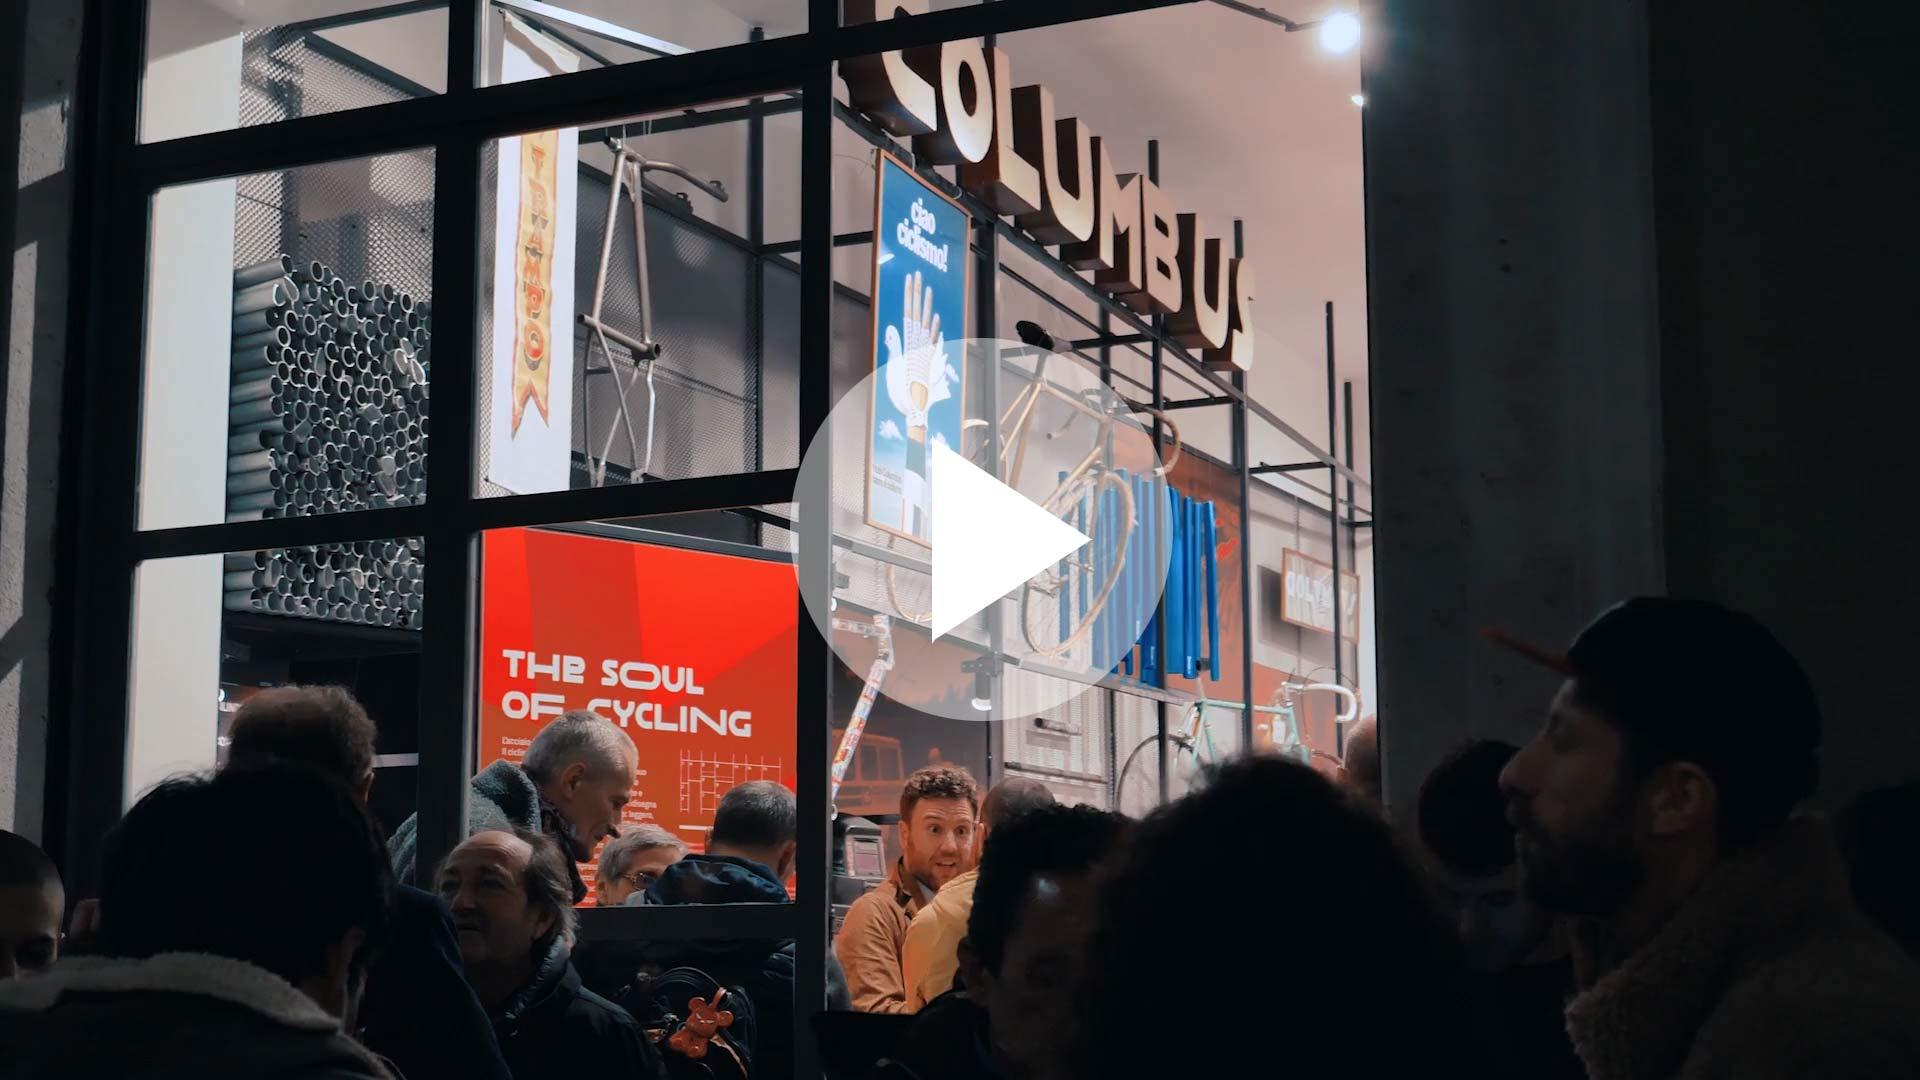 Columbus Continuum: Anima d'acciaio opening video